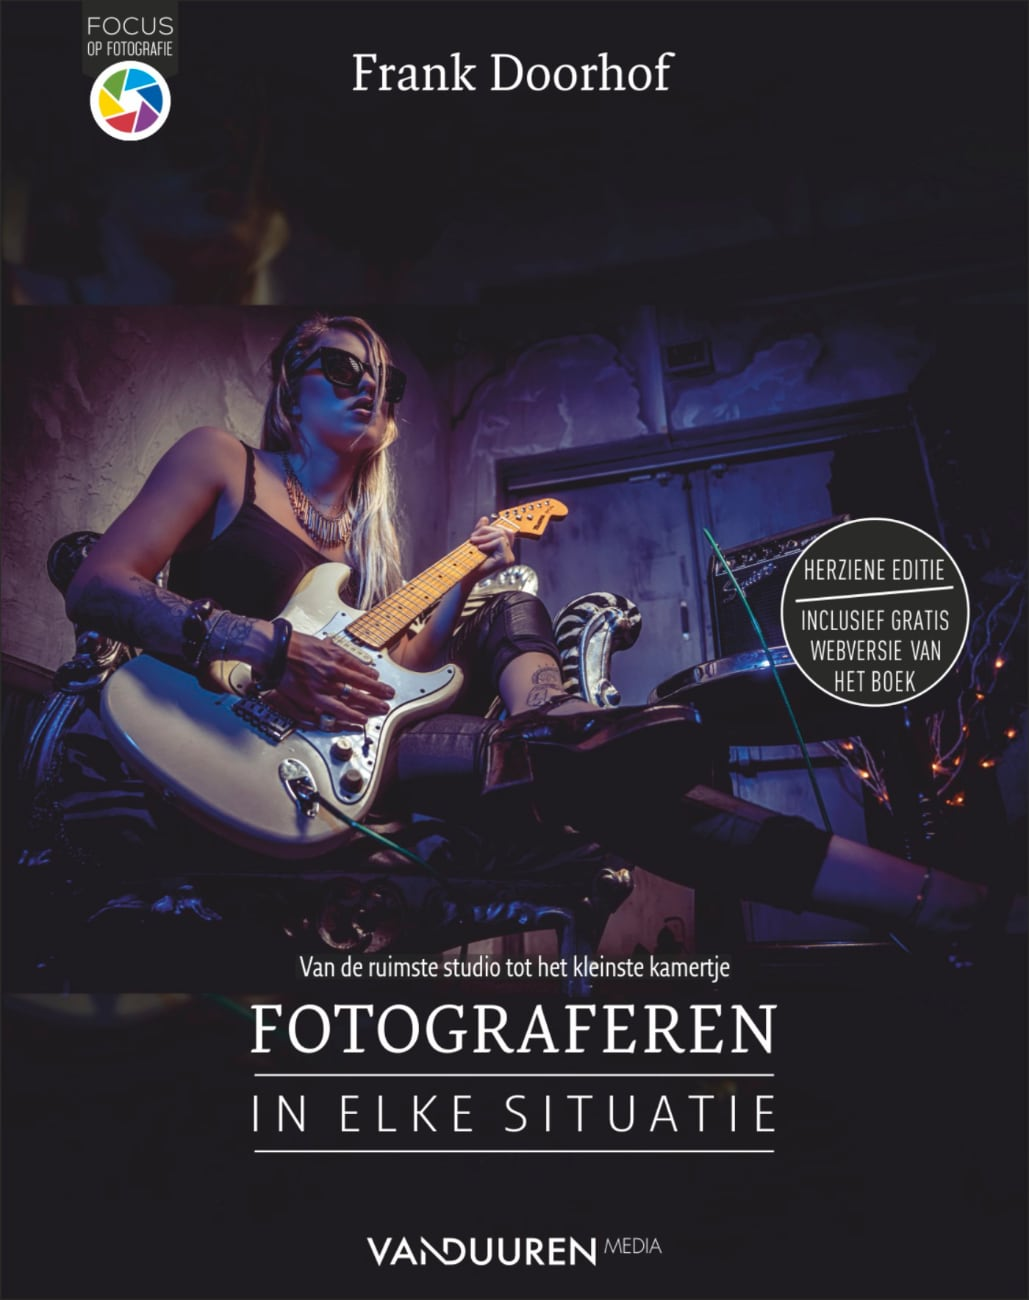 Focus op fotografie - Fotograferen in elke situatie, 2e editie - Frank Doorhof, isbn 9789463561907